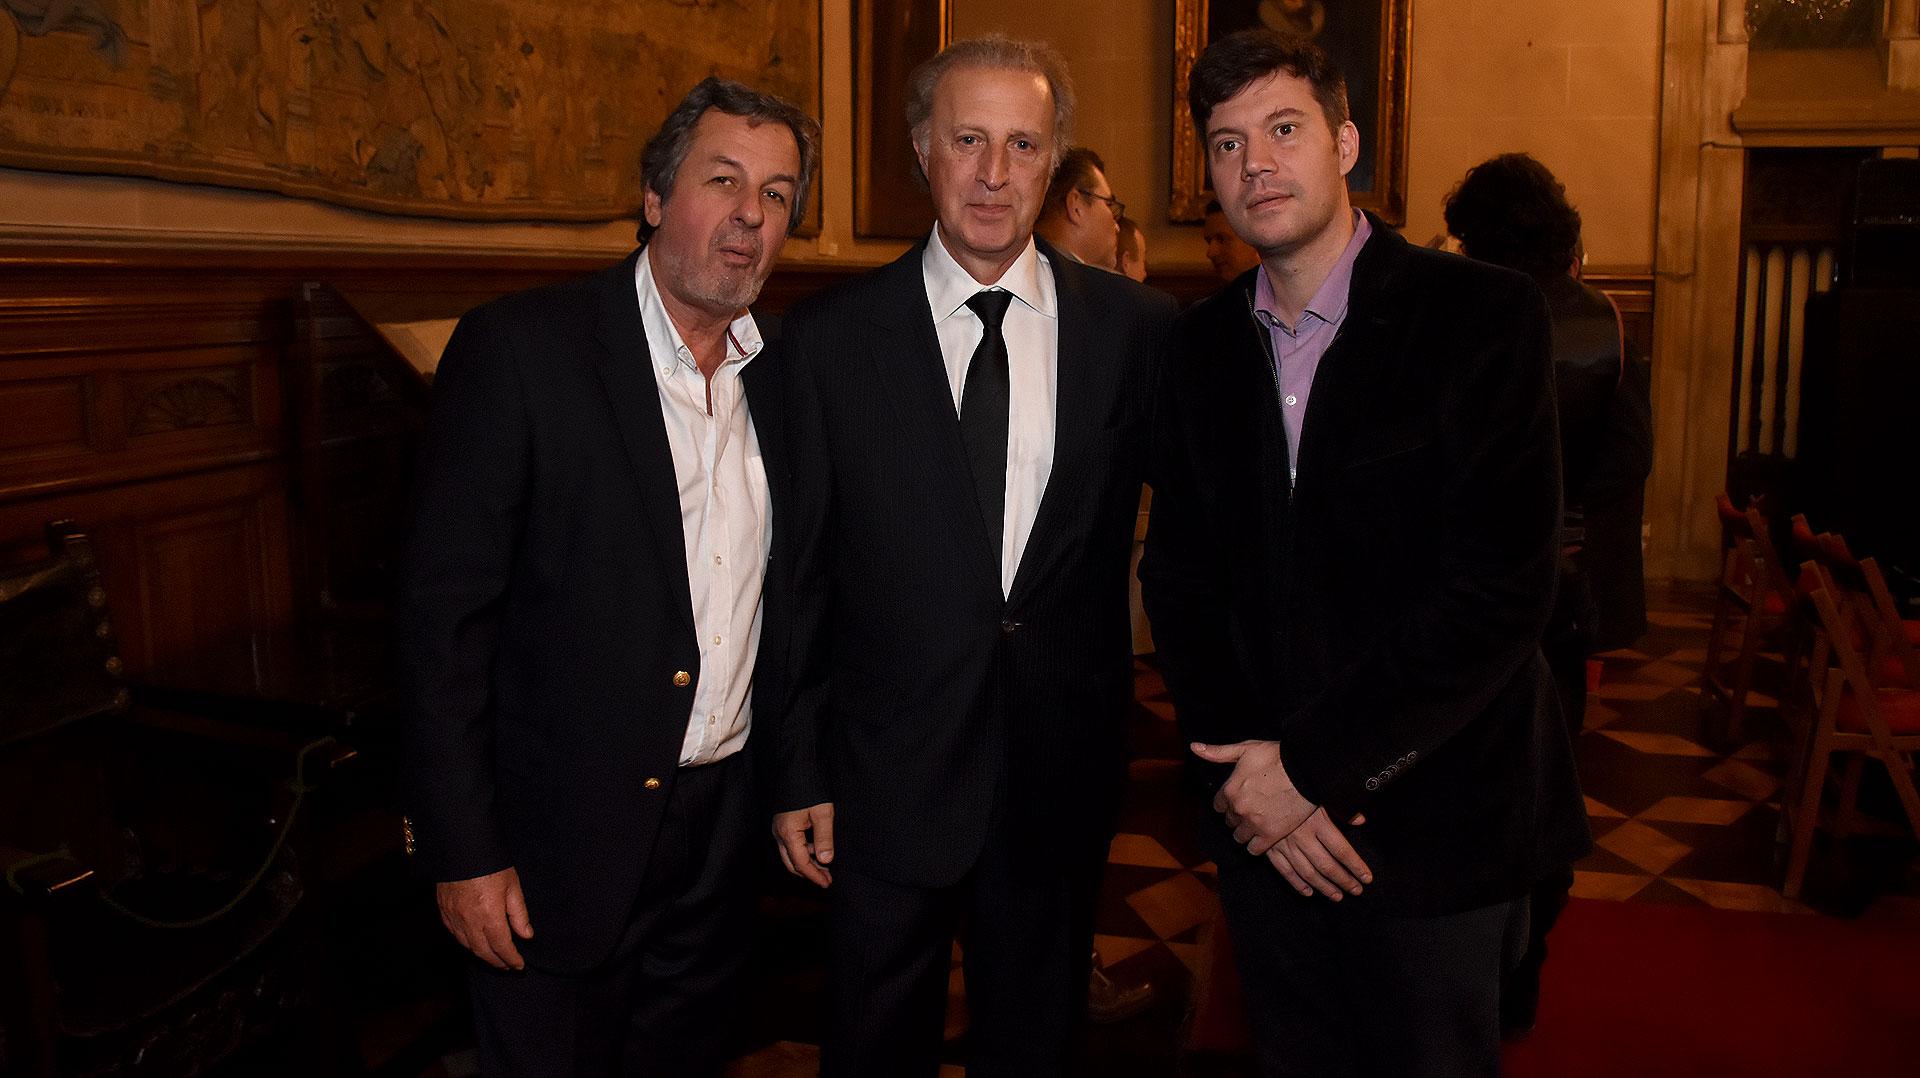 Jorge Porta, Juan Carlos Porras y Guido Valeri